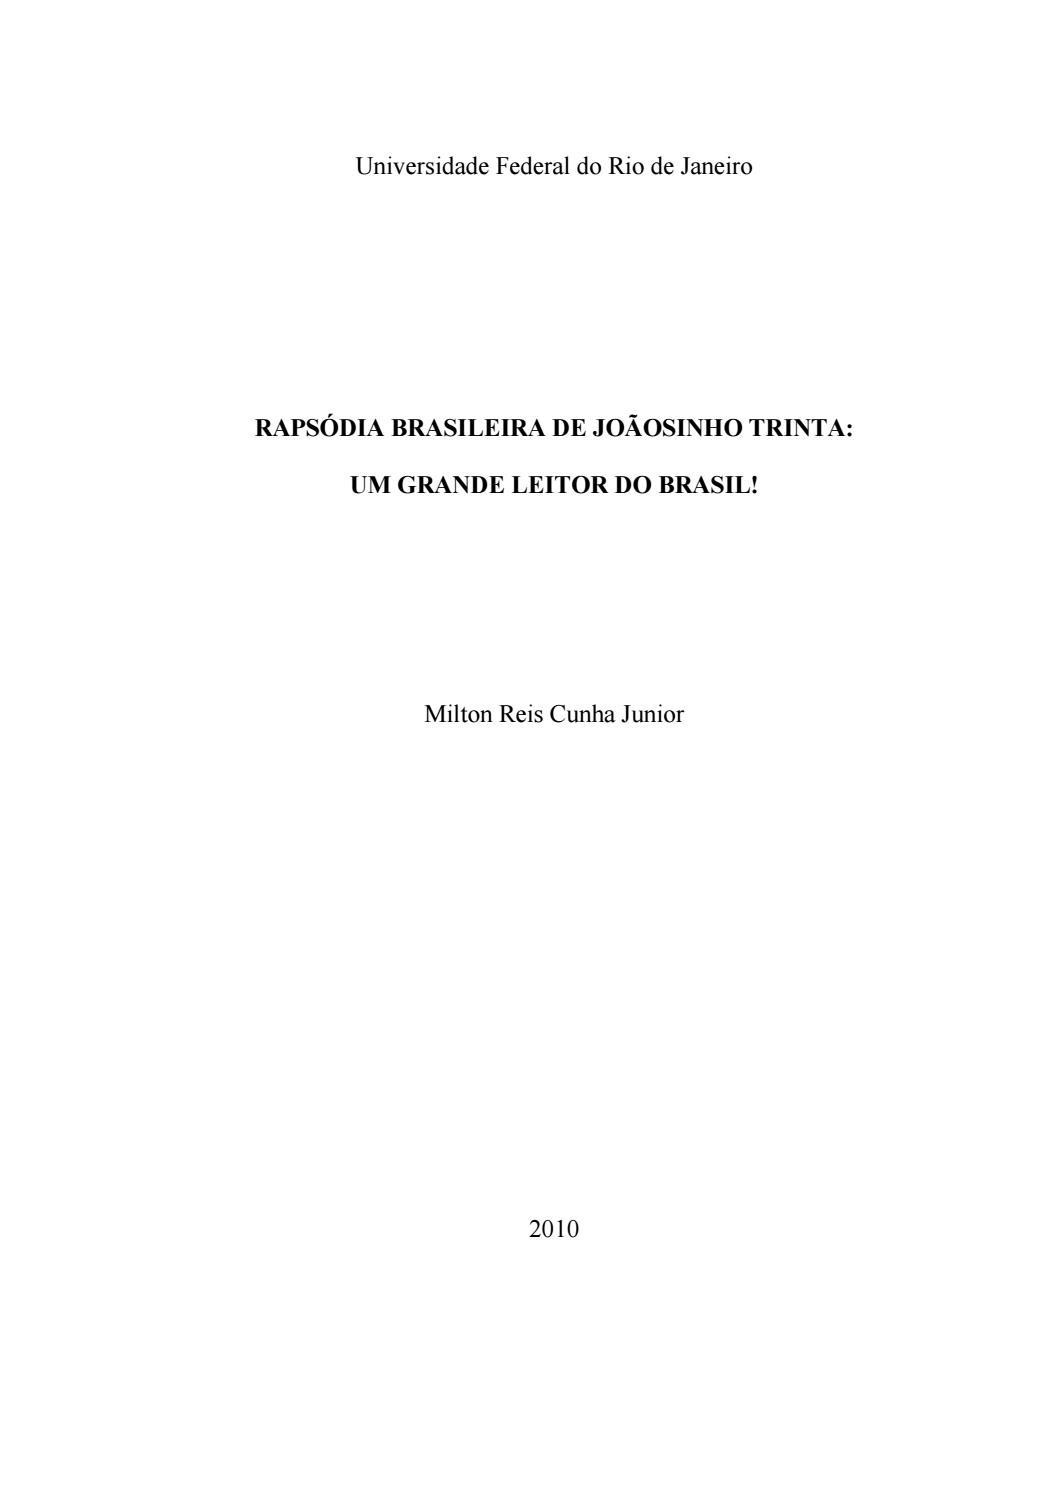 Rapsódia Brasileira de Joãosinho Trinta  um grande leitor do Brasil! by  Portal Academia do Samba - issuu c8485f1c44821